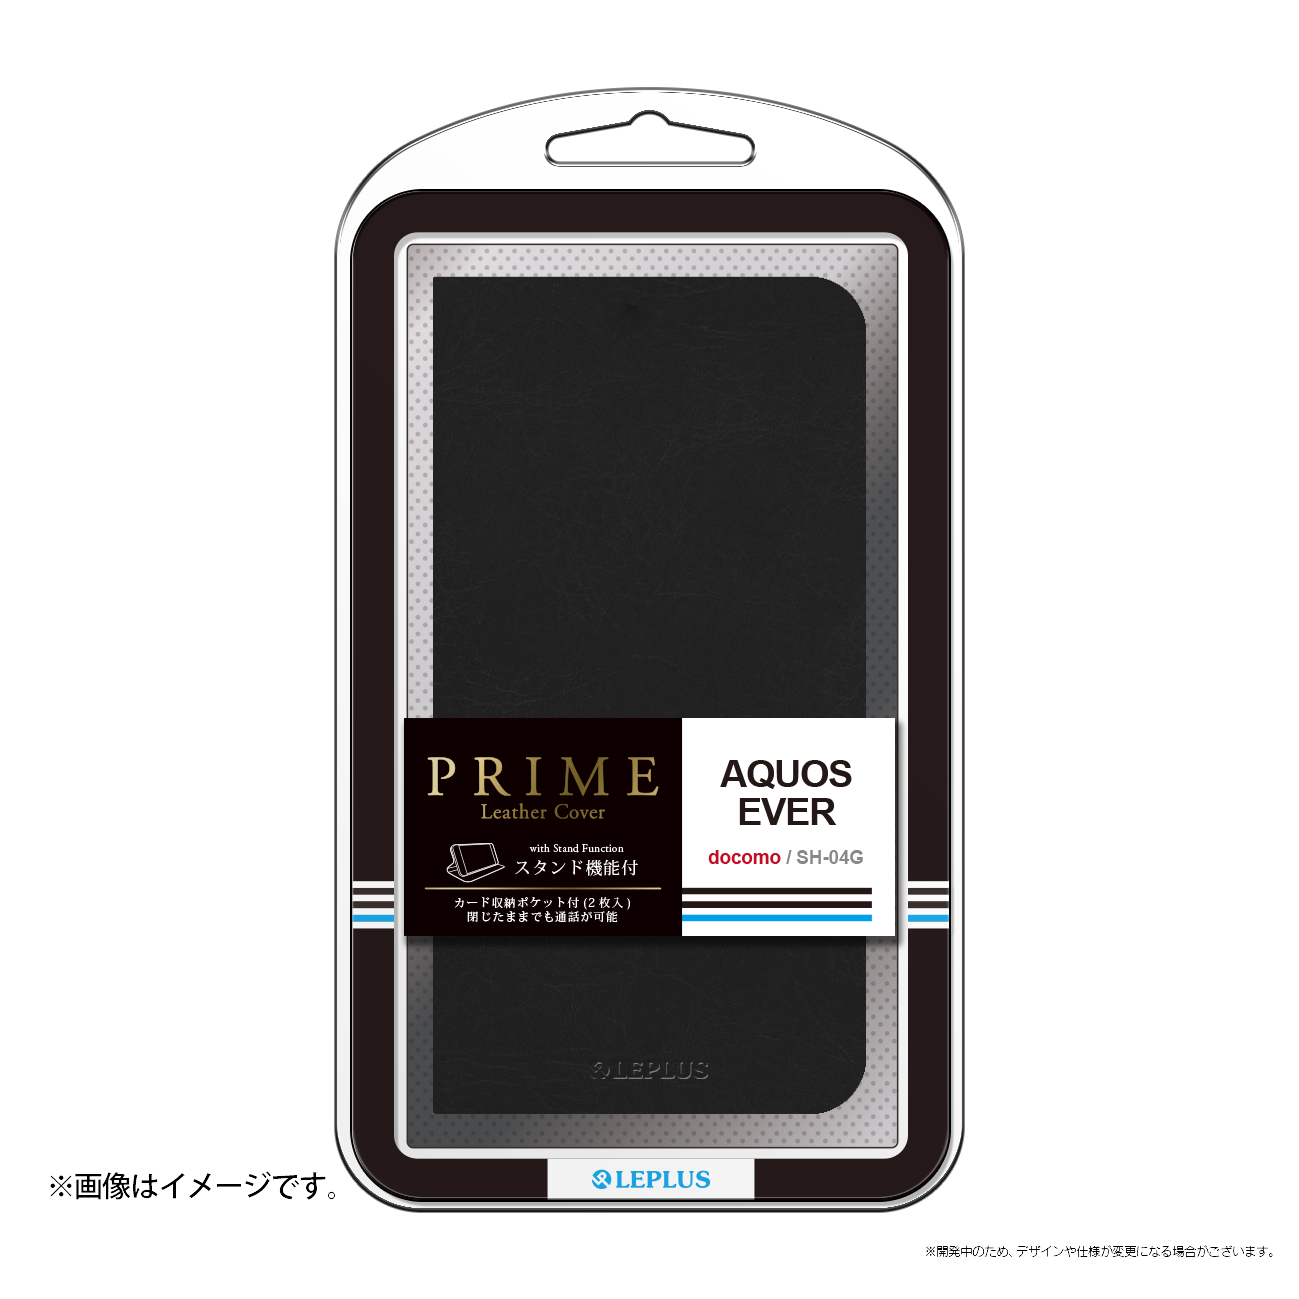 AQUOS EVER SH-04G ブックタイプPUレザーケース「PRIME」 ブラック